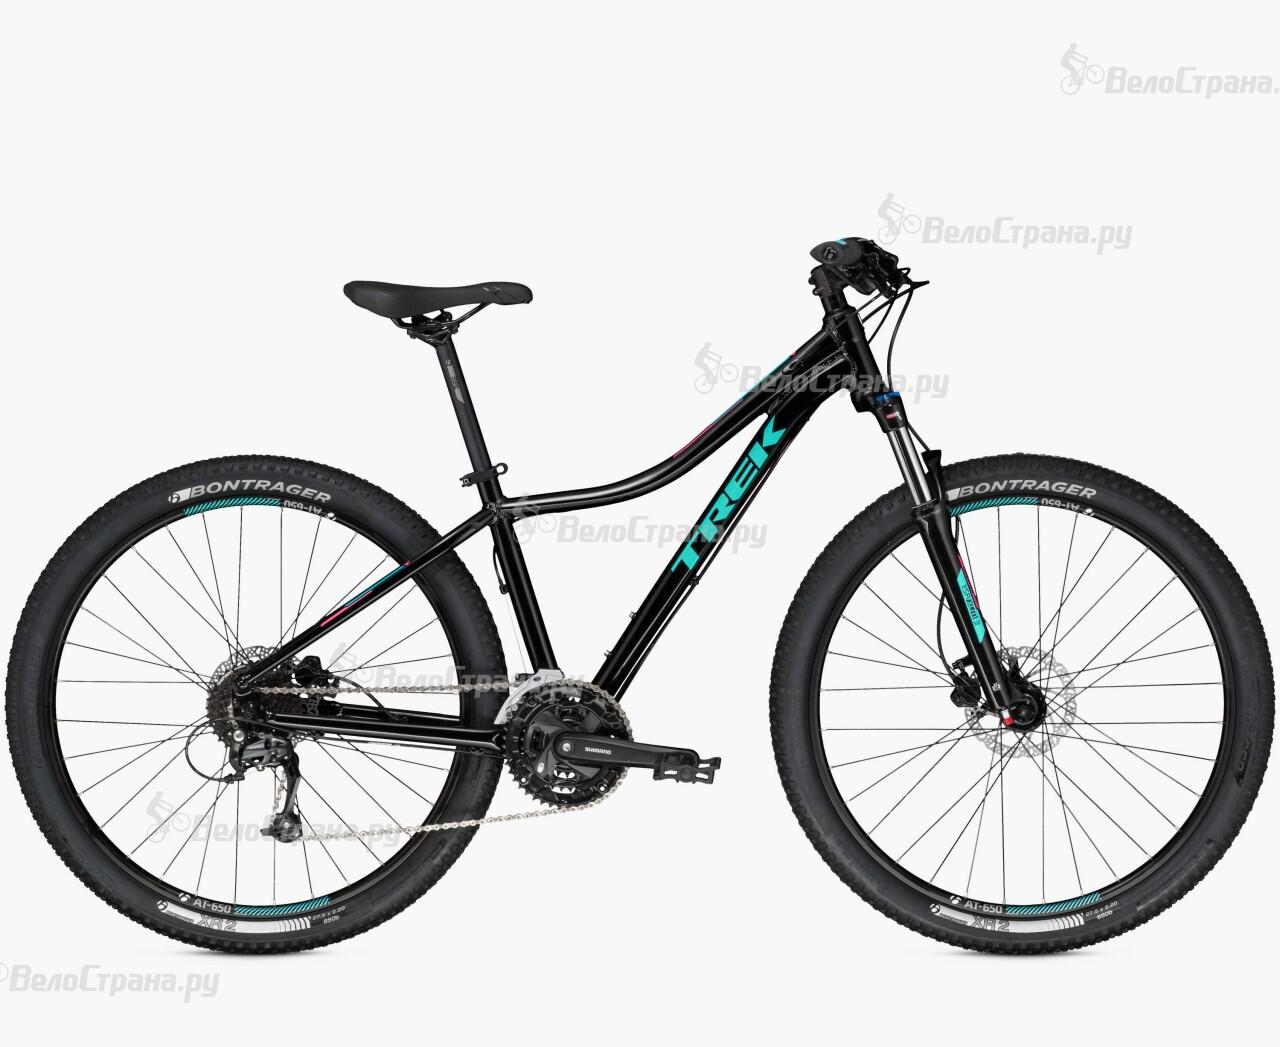 Велосипед Trek Cali S Women's 27,5 (2016) велосипед trek lush s 27 5 2015